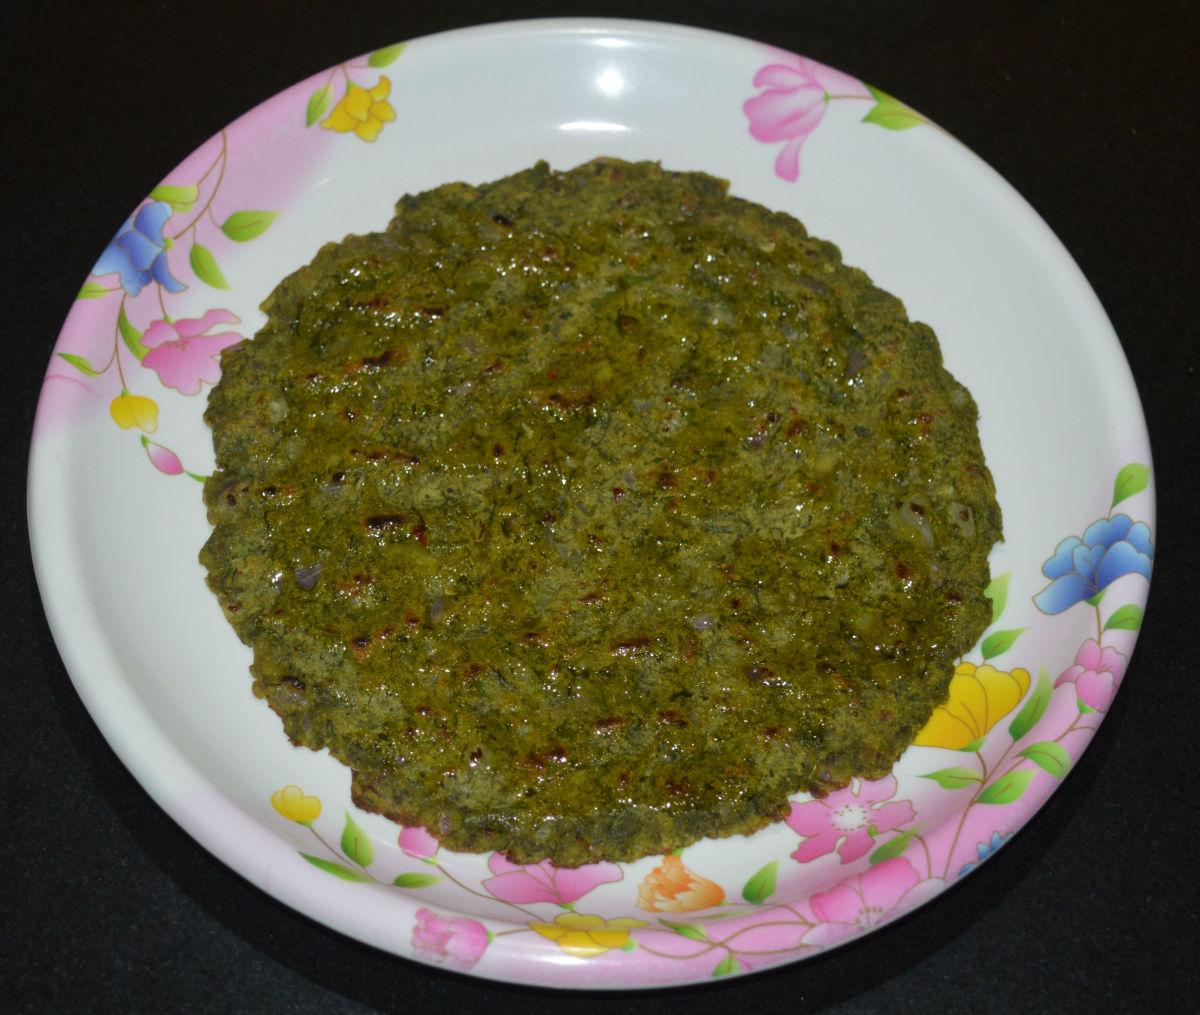 Gluten-Free Green Jowar Roti (Green Sorghum Pancake)